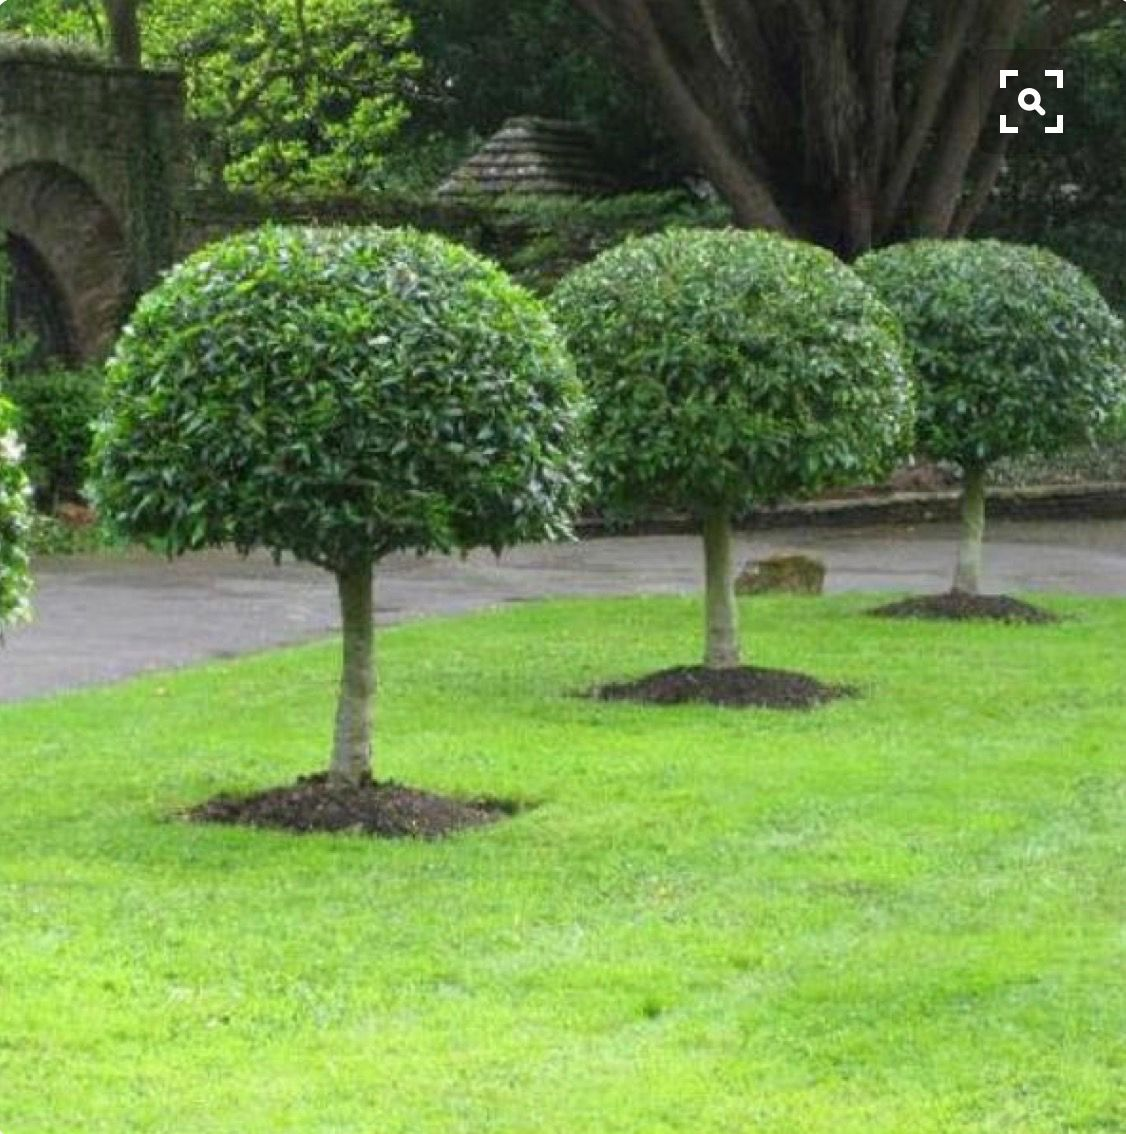 Pruned Laurel trees Topiary garden, Garden landscape